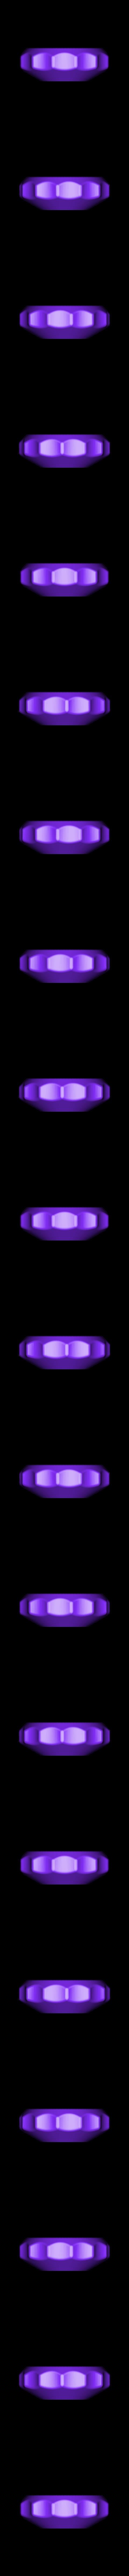 Replacement_Knob_001a.STL Télécharger fichier STL gratuit Cinq réparations de portes de placard ! • Modèle pour imprimante 3D, Tarnliare